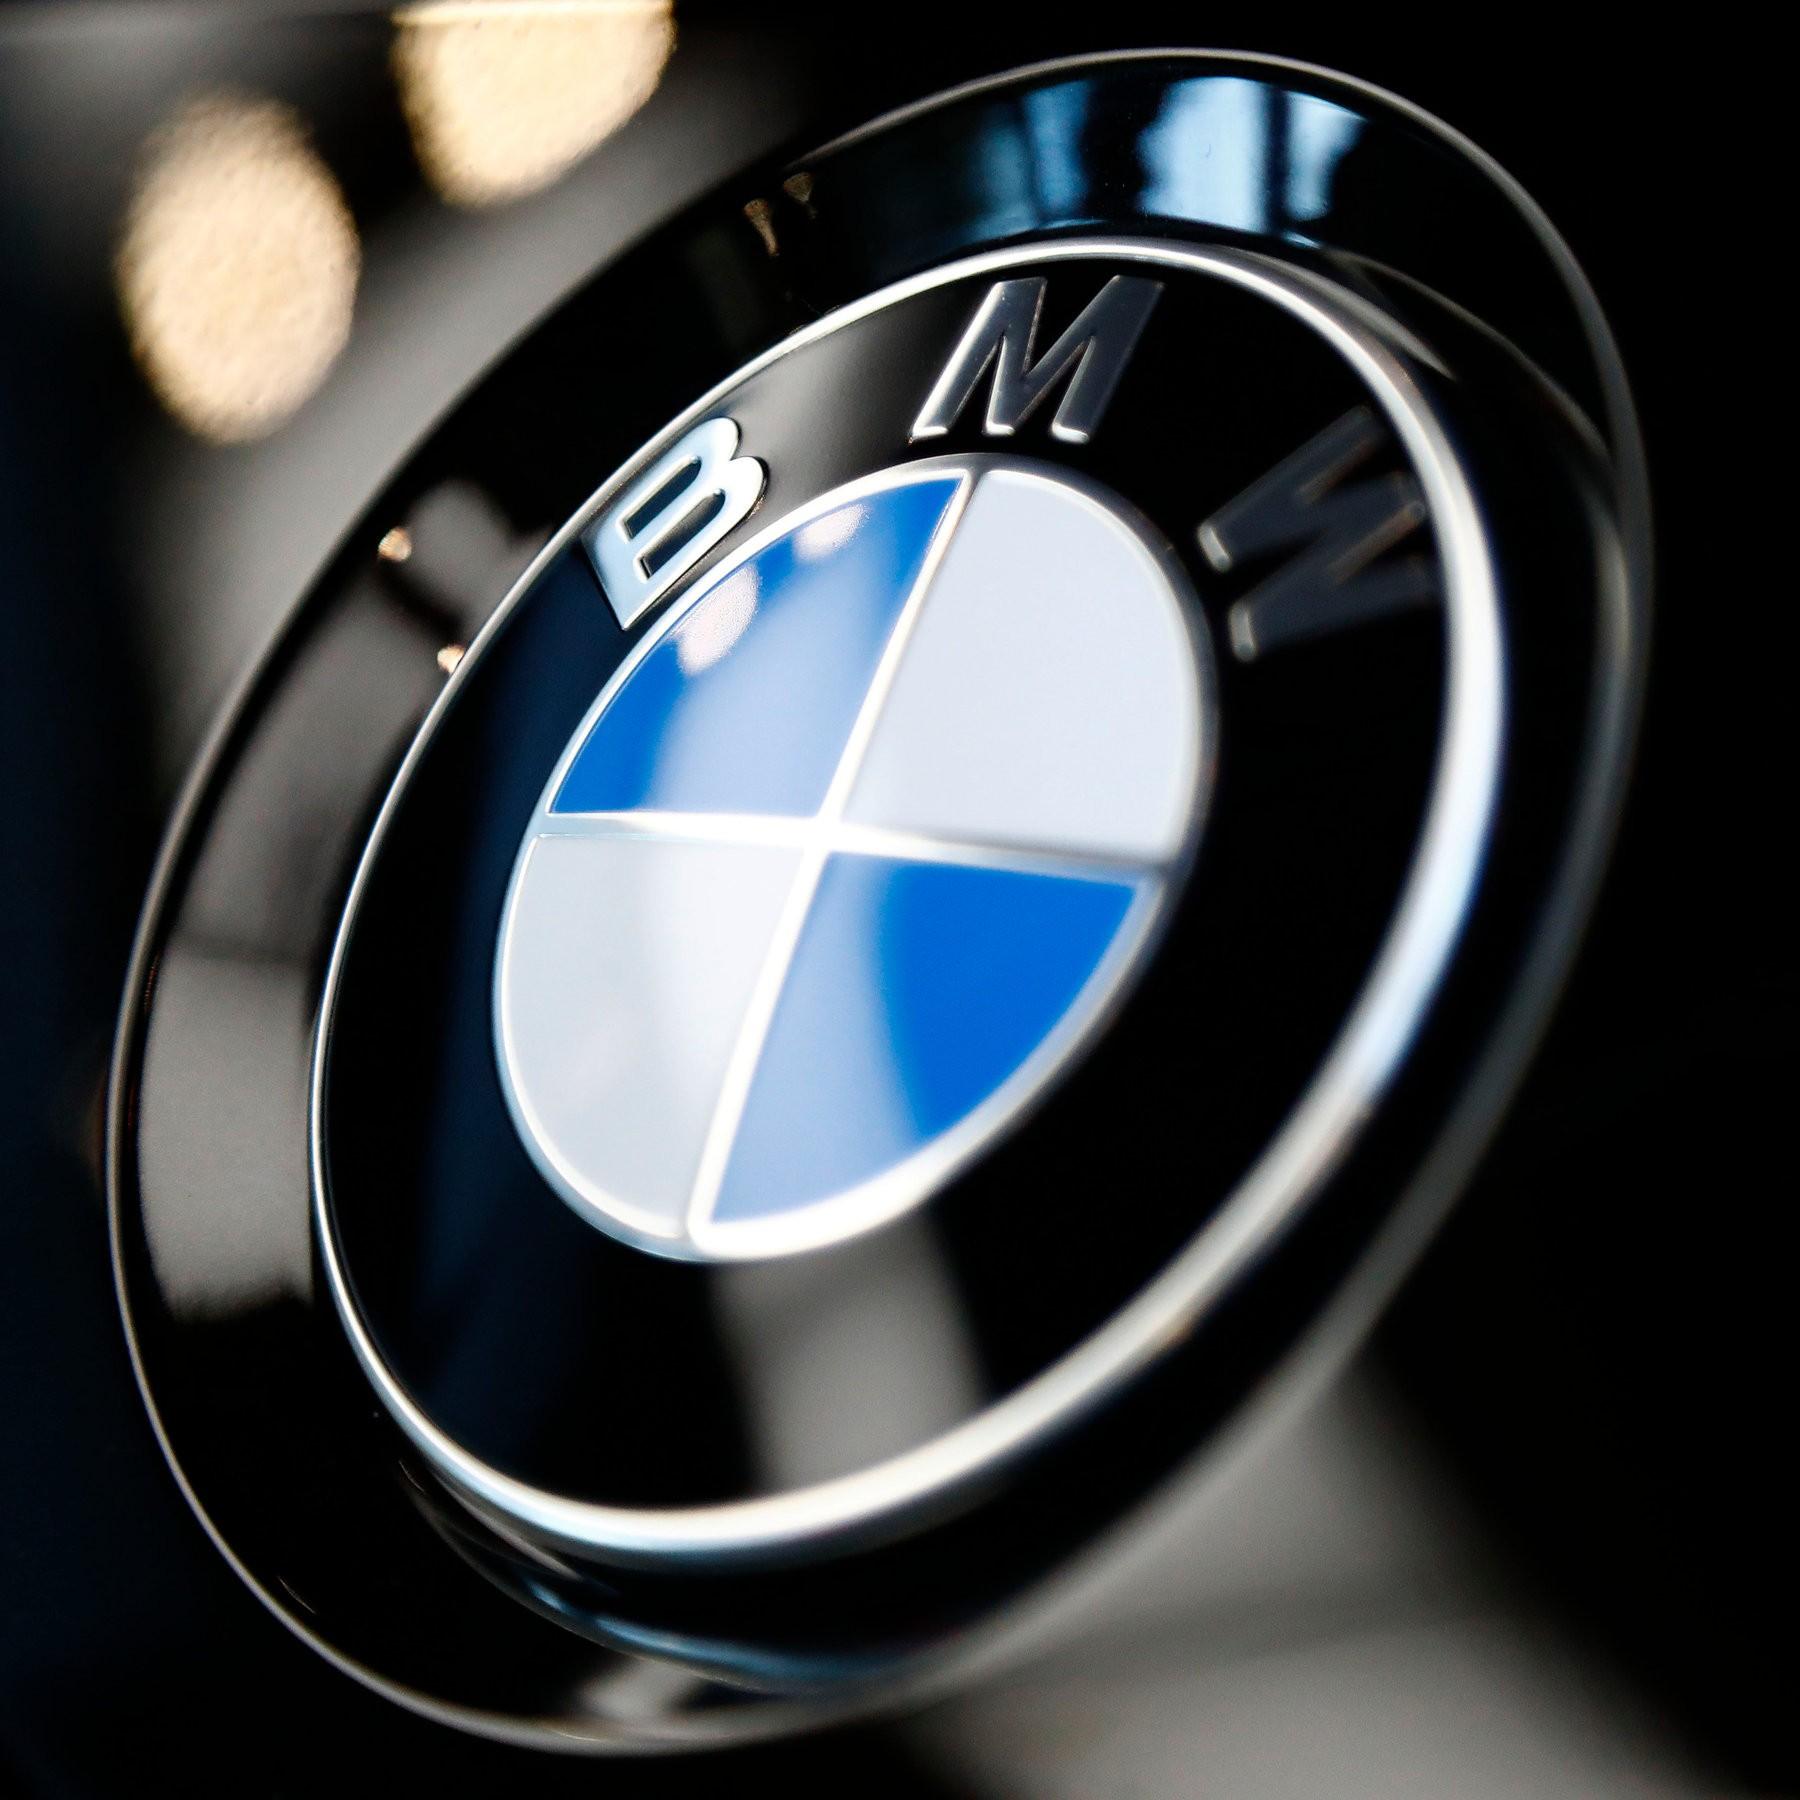 BMWکمپانی